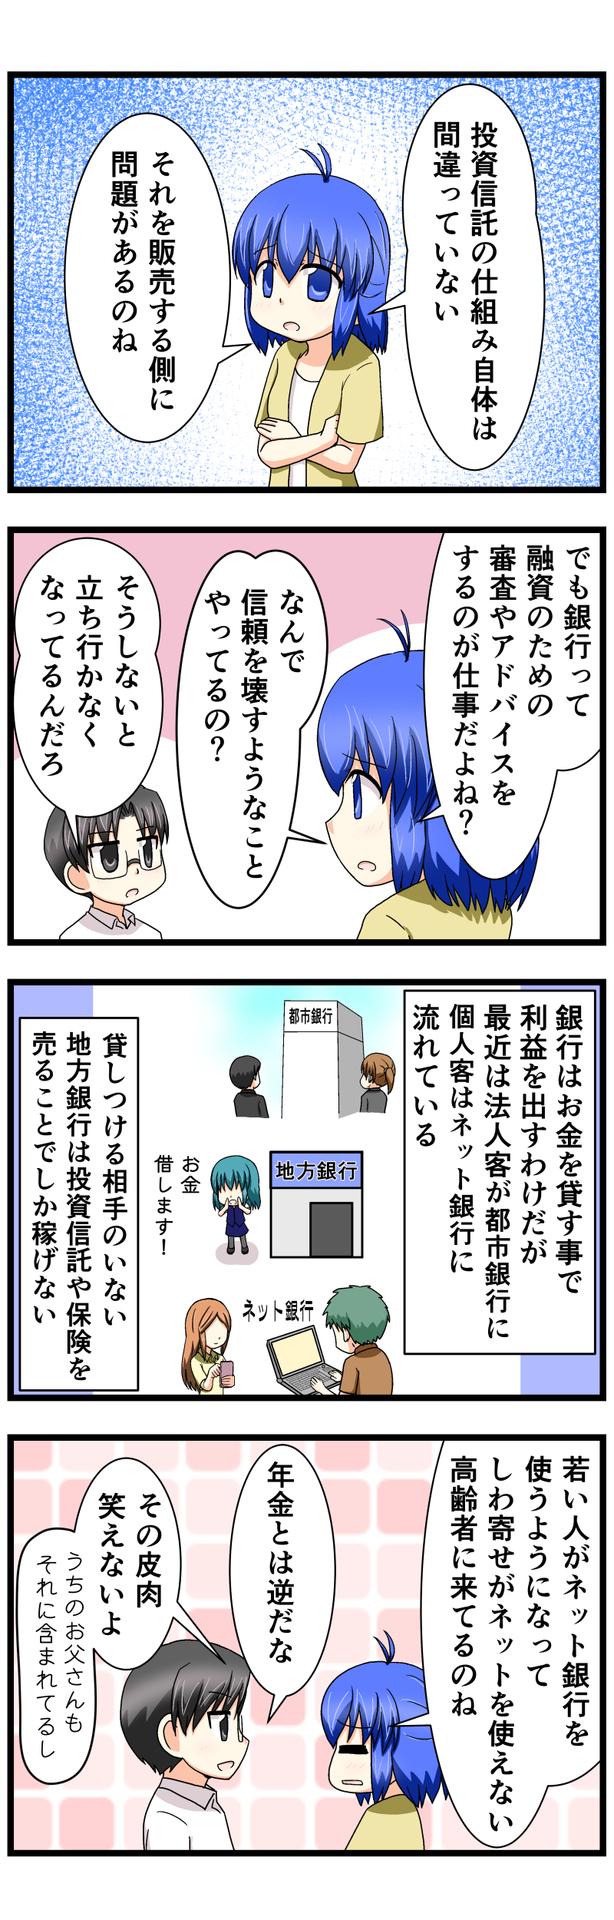 萌える株セミナー99@.jpg